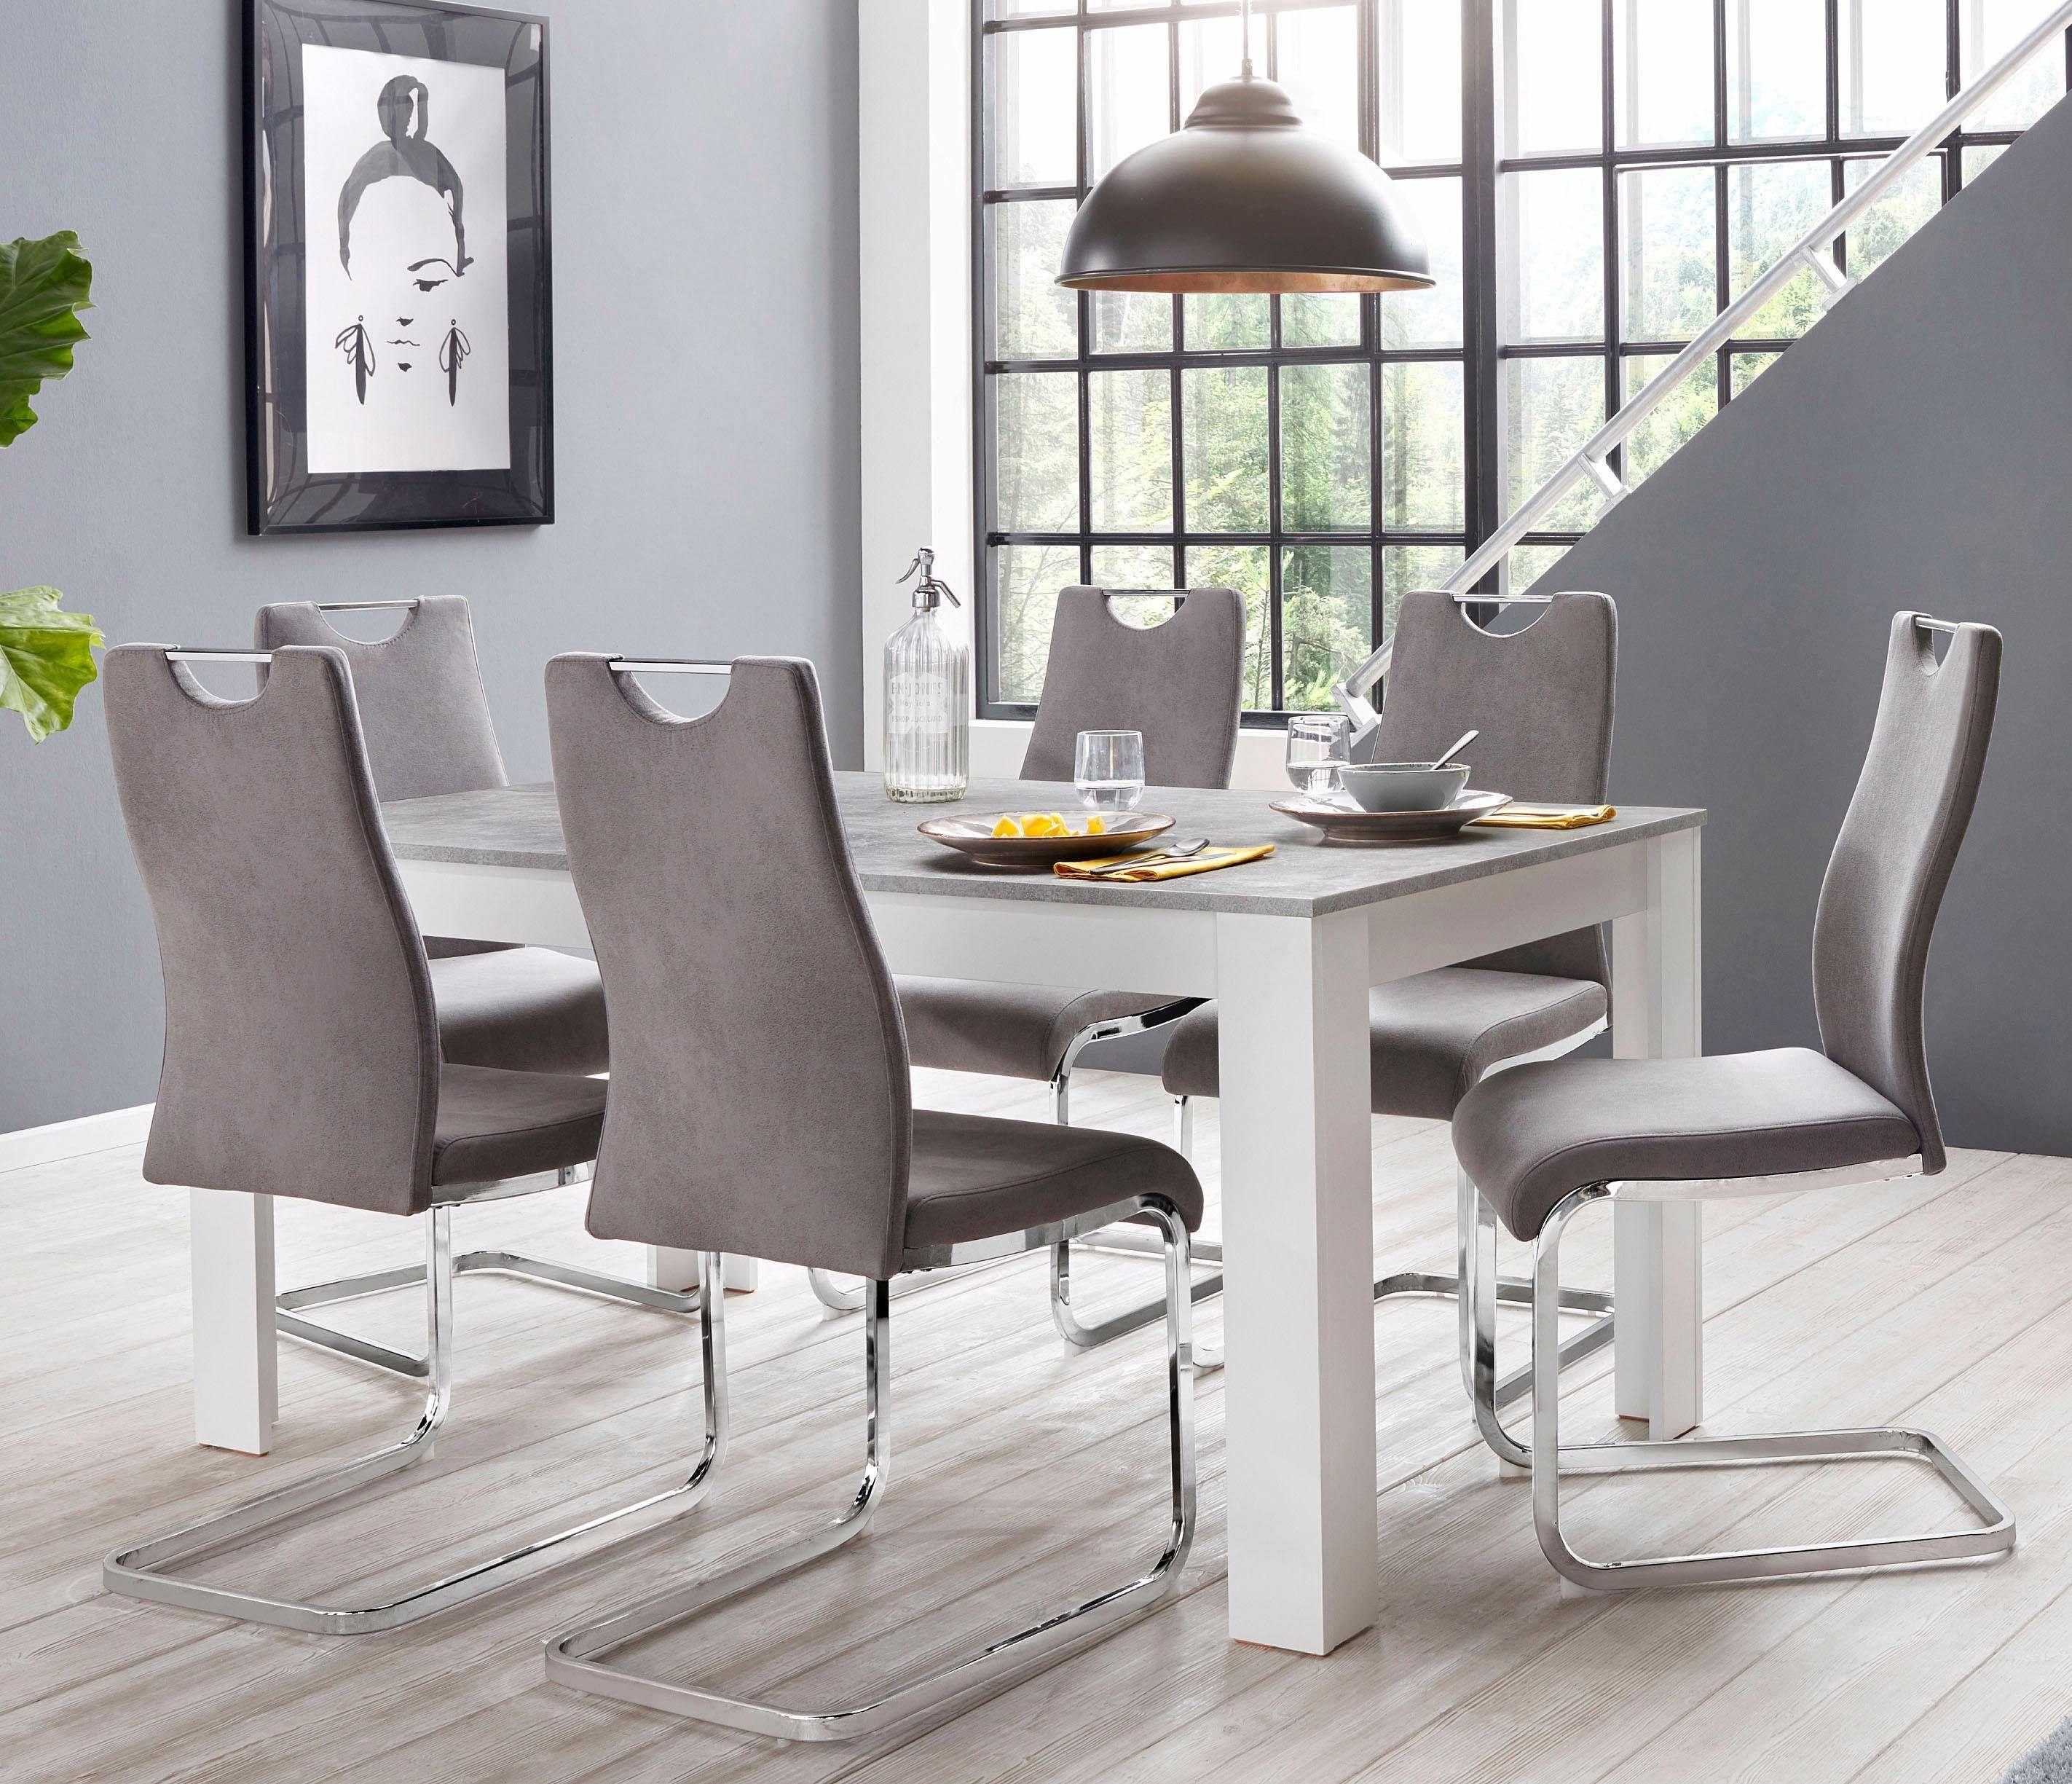 Warum Sollten Sie Einen Esstisch Und Stuhle Kaufen